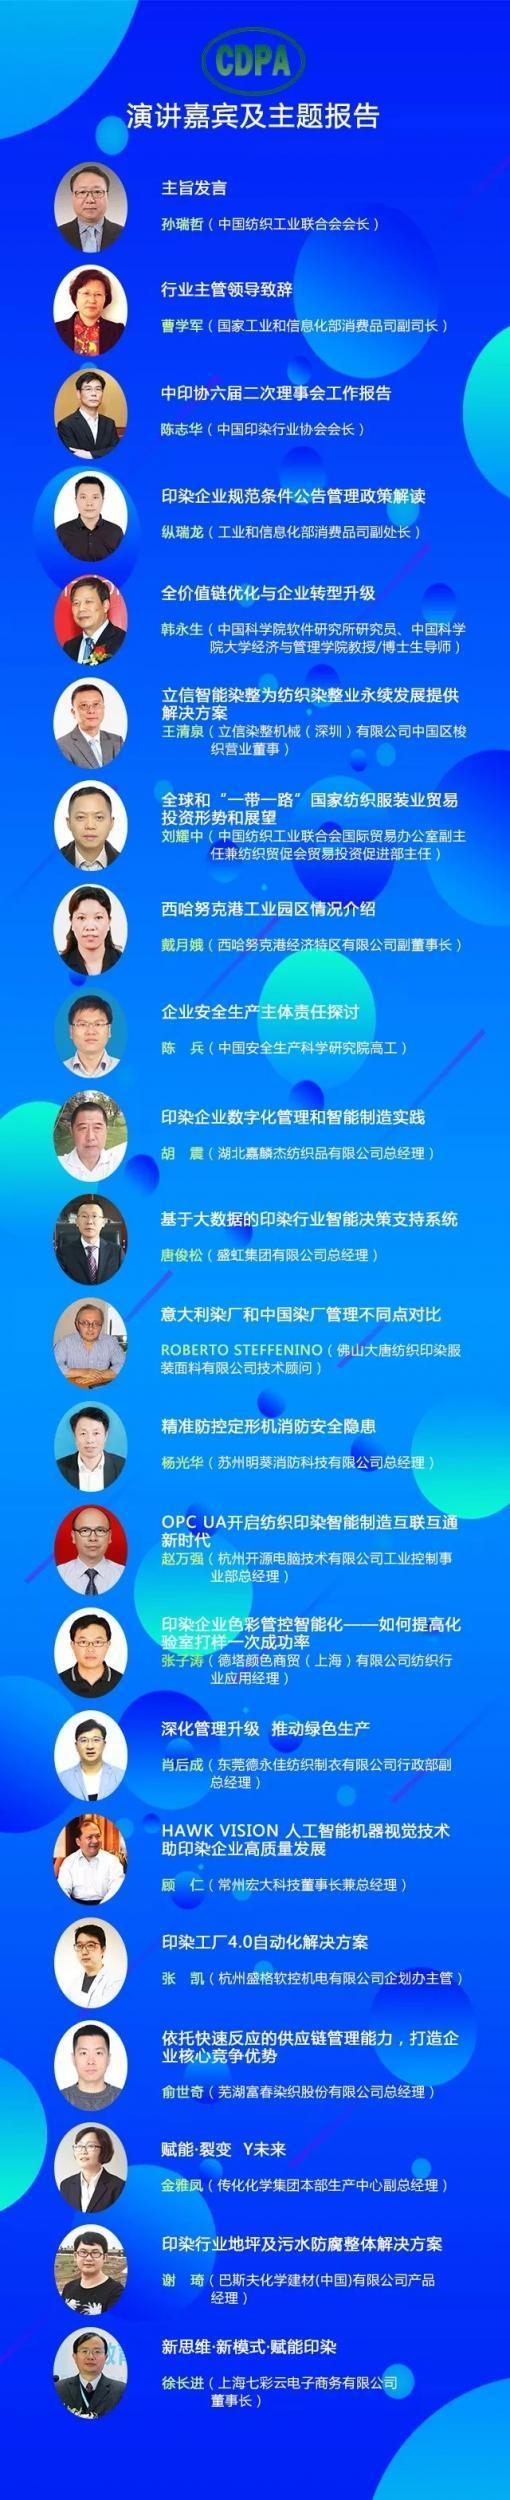 印染30强企业已到位 印染协会理事会将在吴江举行